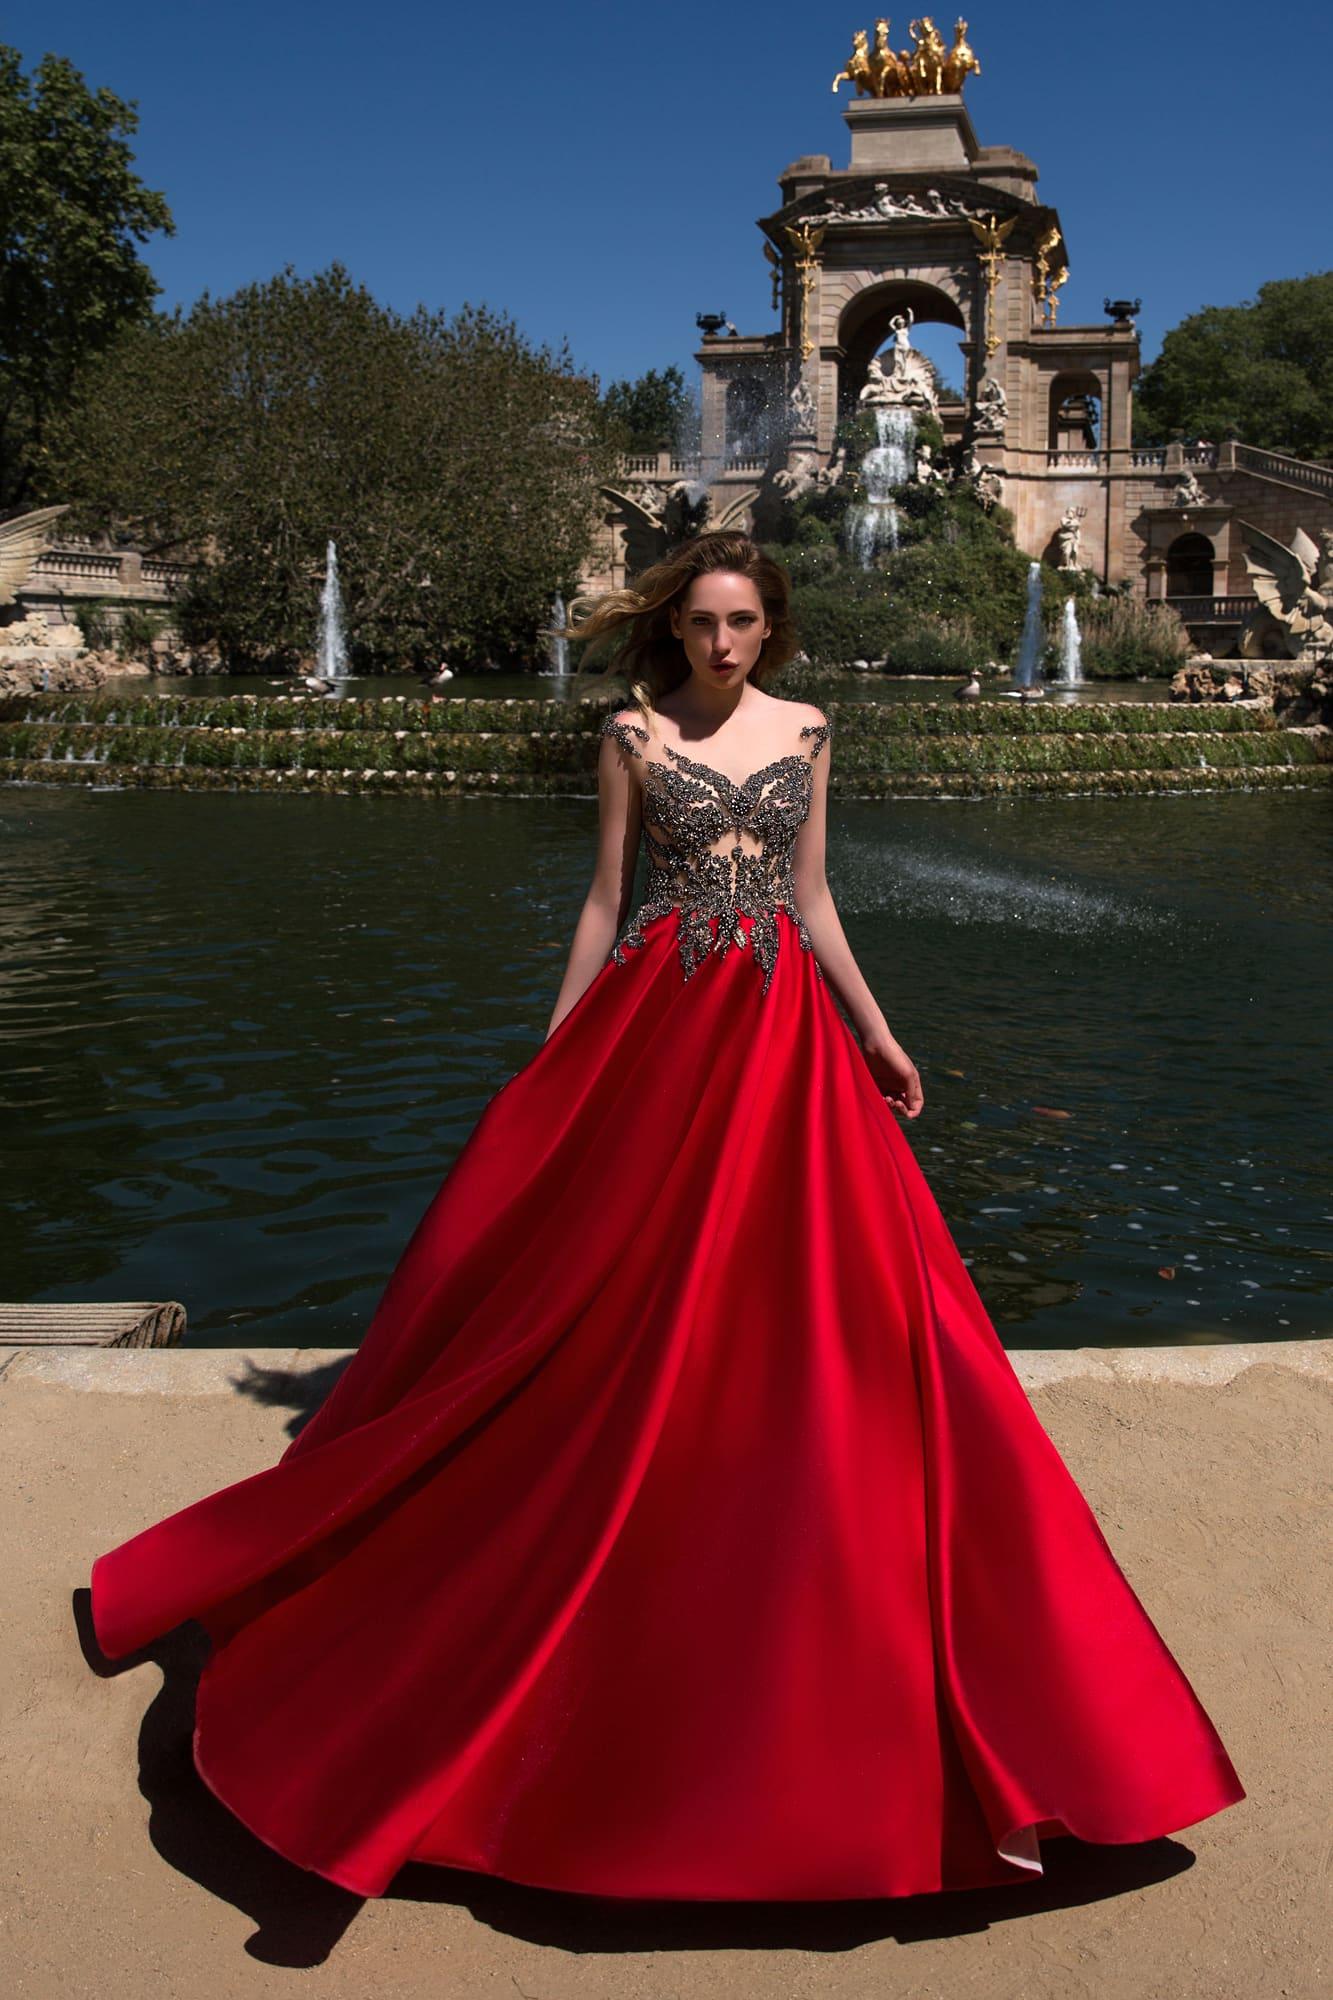 f63ed12bfd2 Стильное вечернее платье с полупрозрачным лифом с бисером и яркой атласной  юбкой красного цвета.